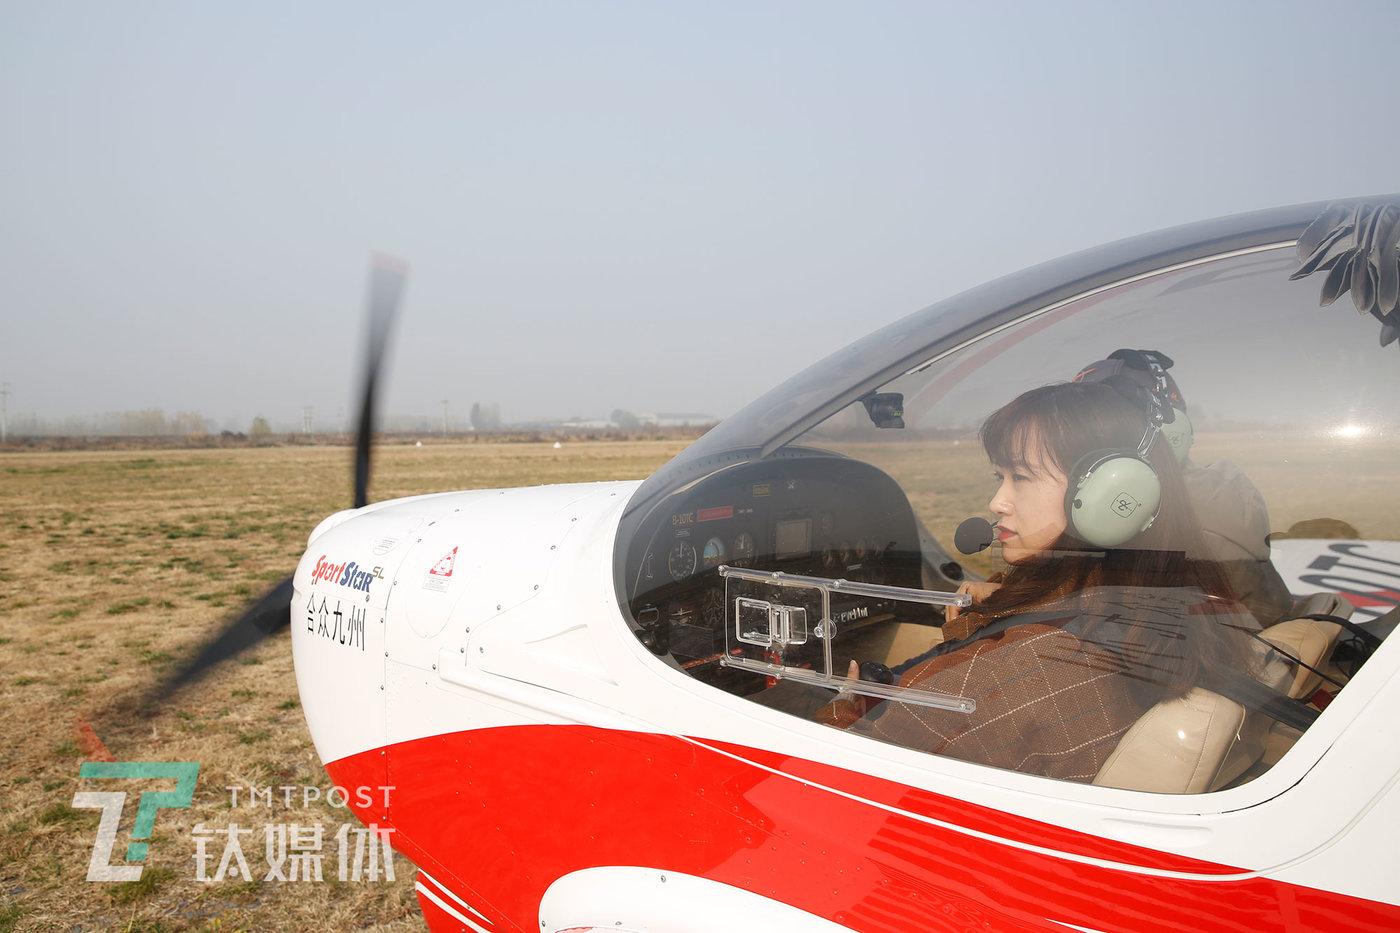 """2020年11月15日,中国航协衡水航空飞行营地,飞行学员武凡辰在准备练习飞行。这是一架""""运动之星""""运动飞机:它长5.98米、高2.47米、空机重307公斤、最大起飞重量575公斤、最高时速270公里,售价大约一百多万人民币。"""